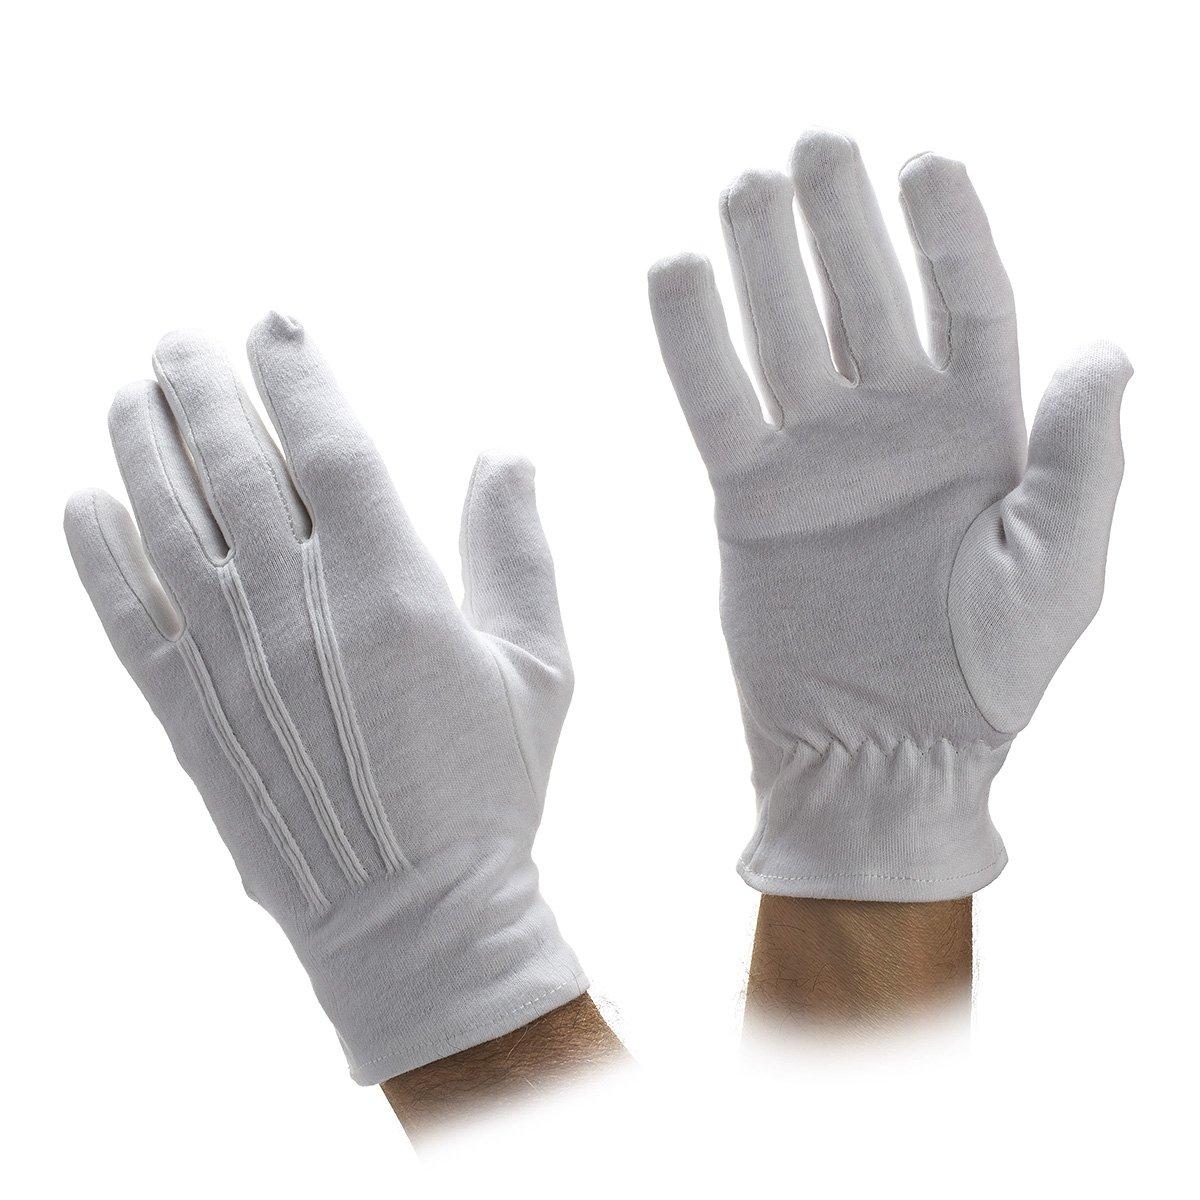 White or Black Cotton Gloves-sold By Dozen Pair (XXXL, White)